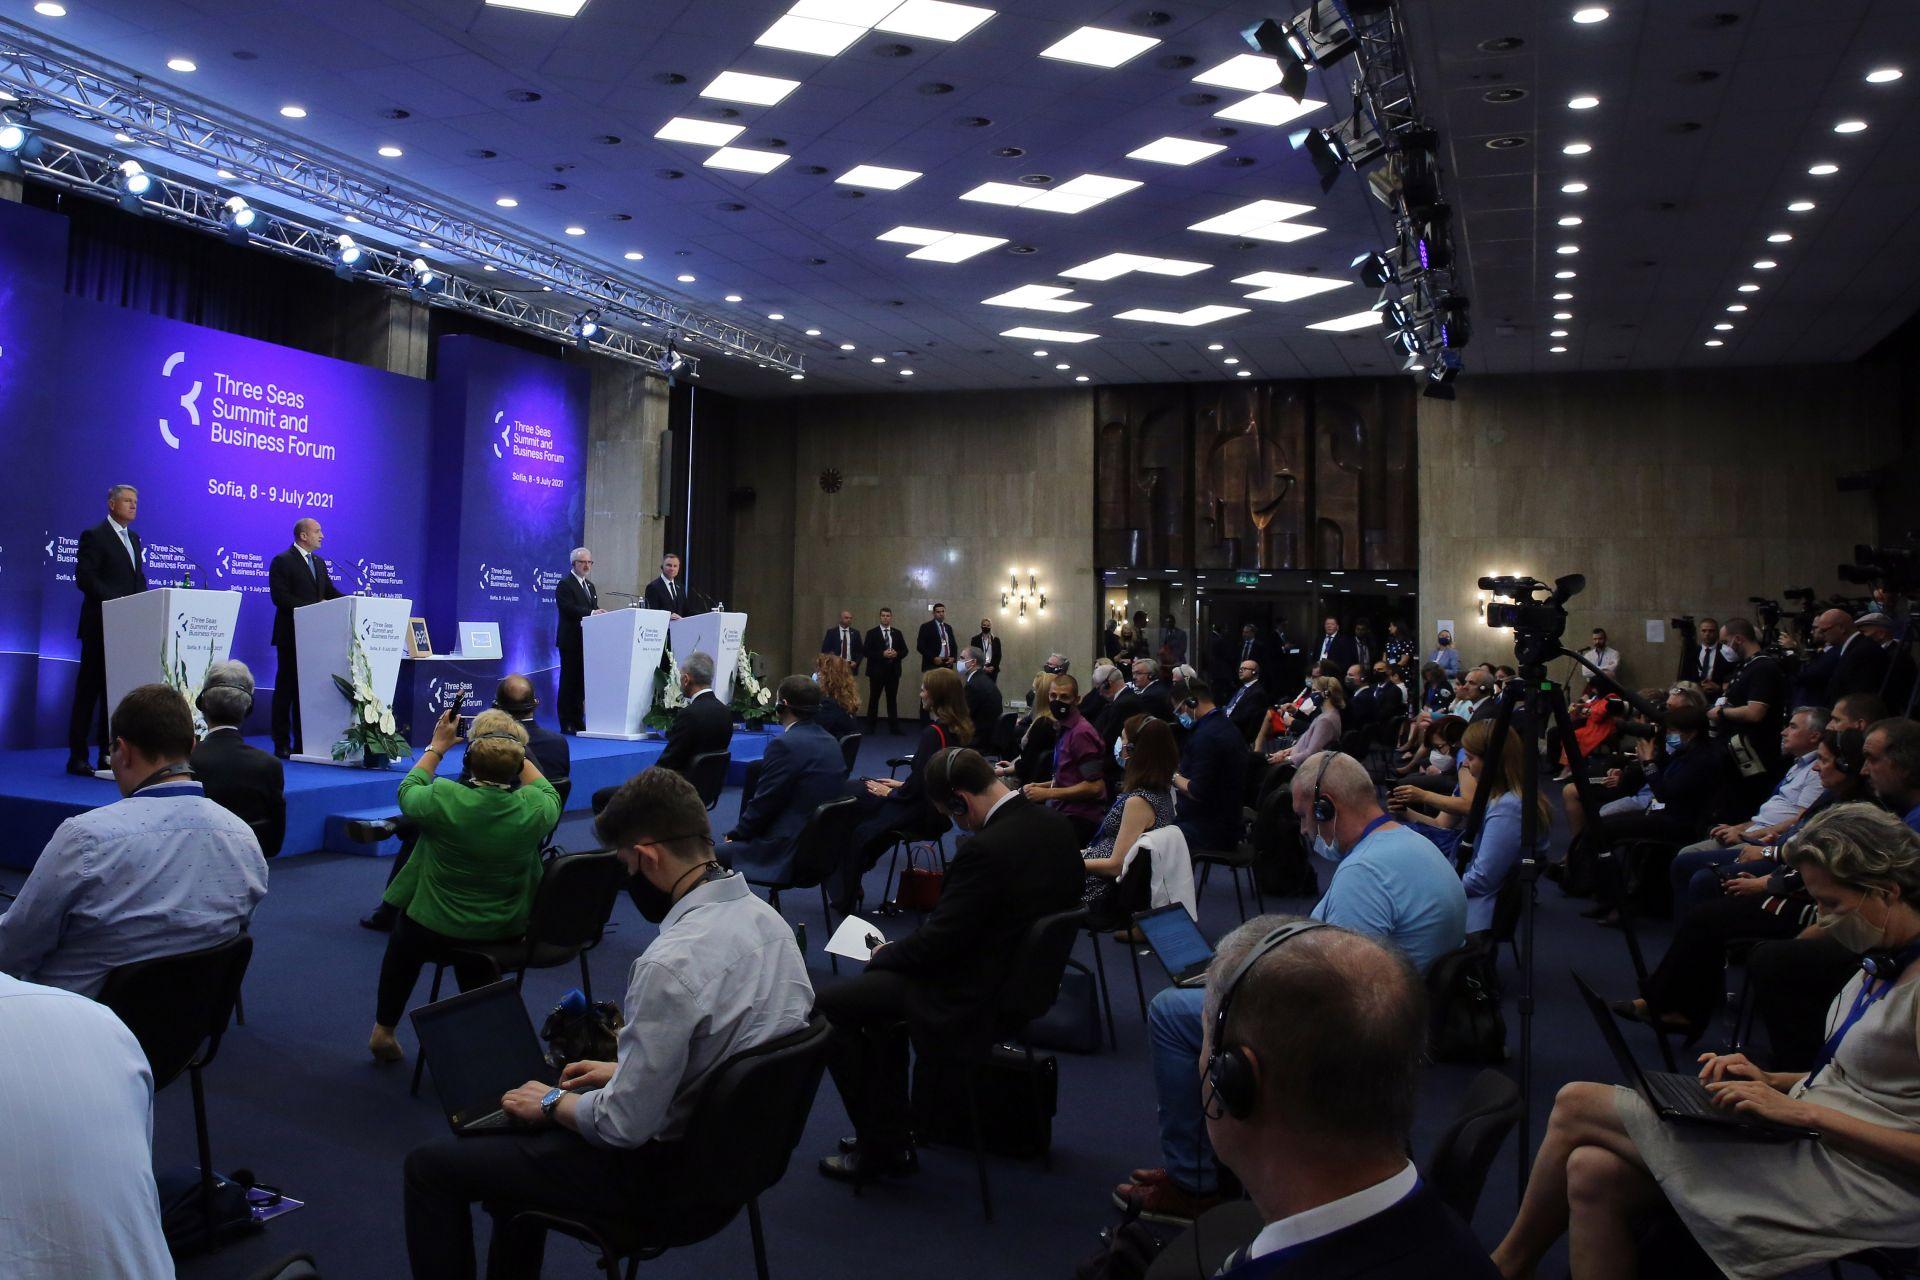 """В НДК се провежда Шестата среща на върха на инициативата """"Три морета"""". През тази година България е домакин на инициативата, която обединява 12 страни-членки на ЕС от региона между Адриатическо, Балтийско и Черно море - Австрия, България, Естония, Латвия, Литва, Полша, Румъния, Словакия, Словения, Унгария, Хърватия и Чехия. Партньори на инициативата са САЩ, Германия и ЕК."""